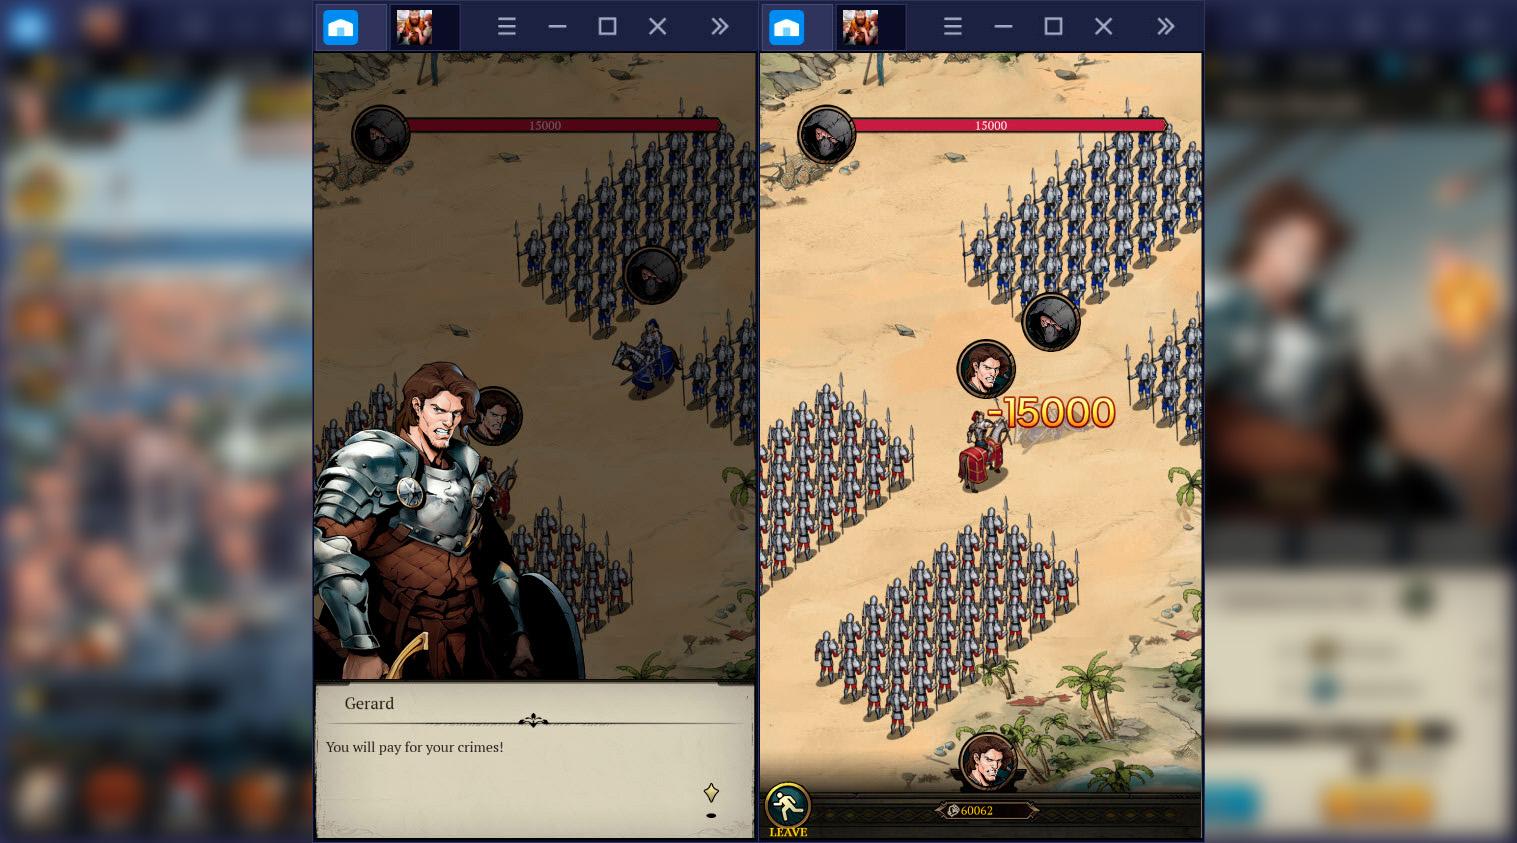 Tranh giành ngôi vương cùng King's Throne: Game of Lust trên BlueStacks